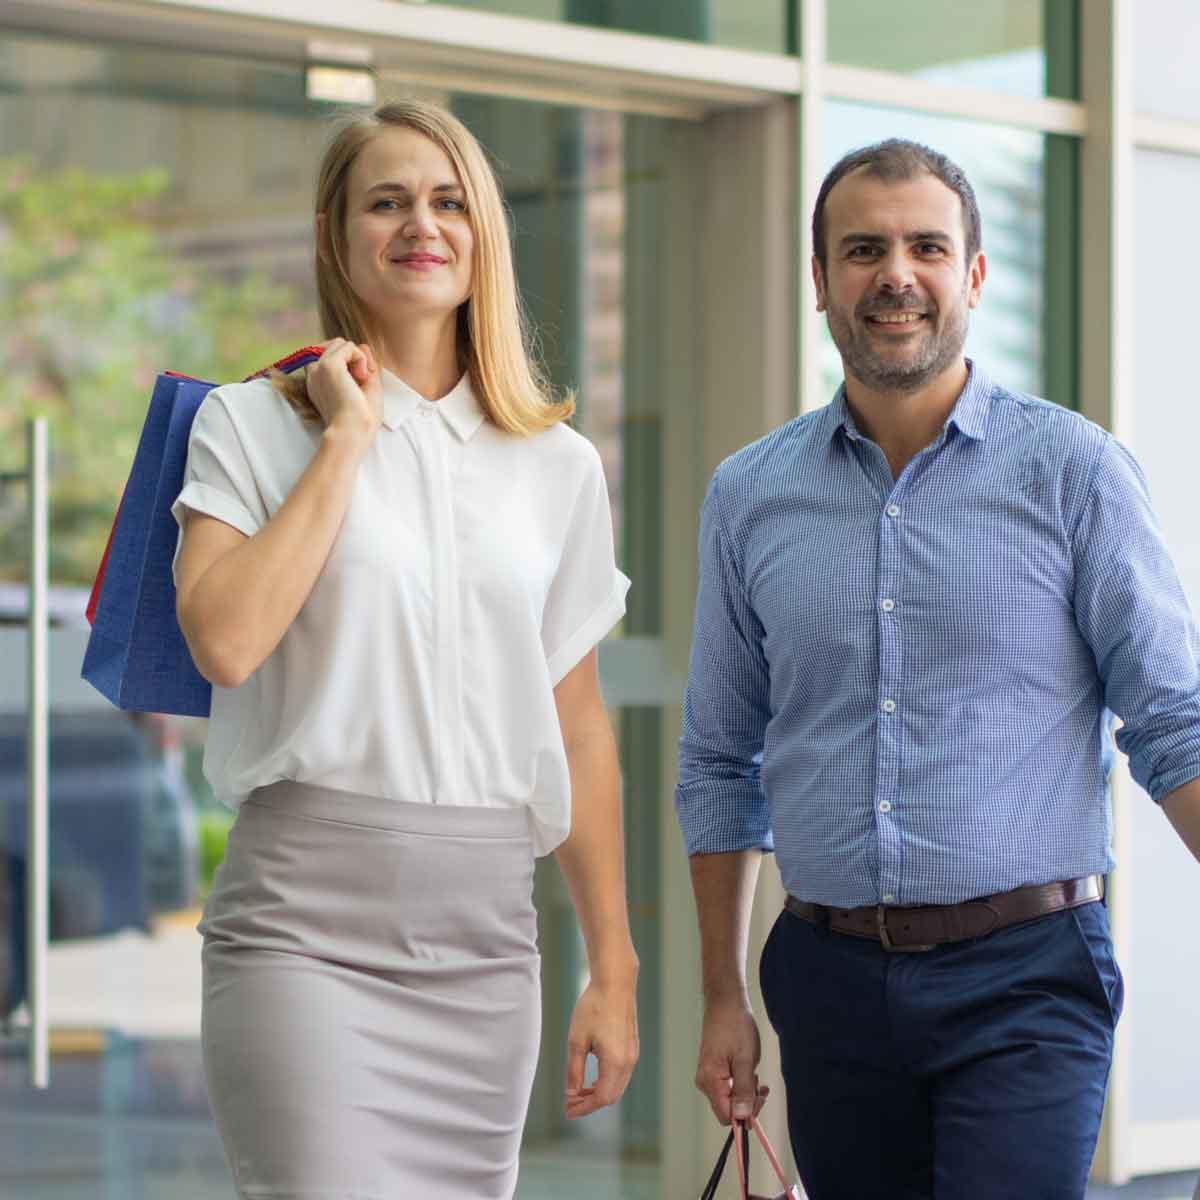 Kuvituskuva: tietoa huoltajille – pariskunta lähdössä vanhempainillasta